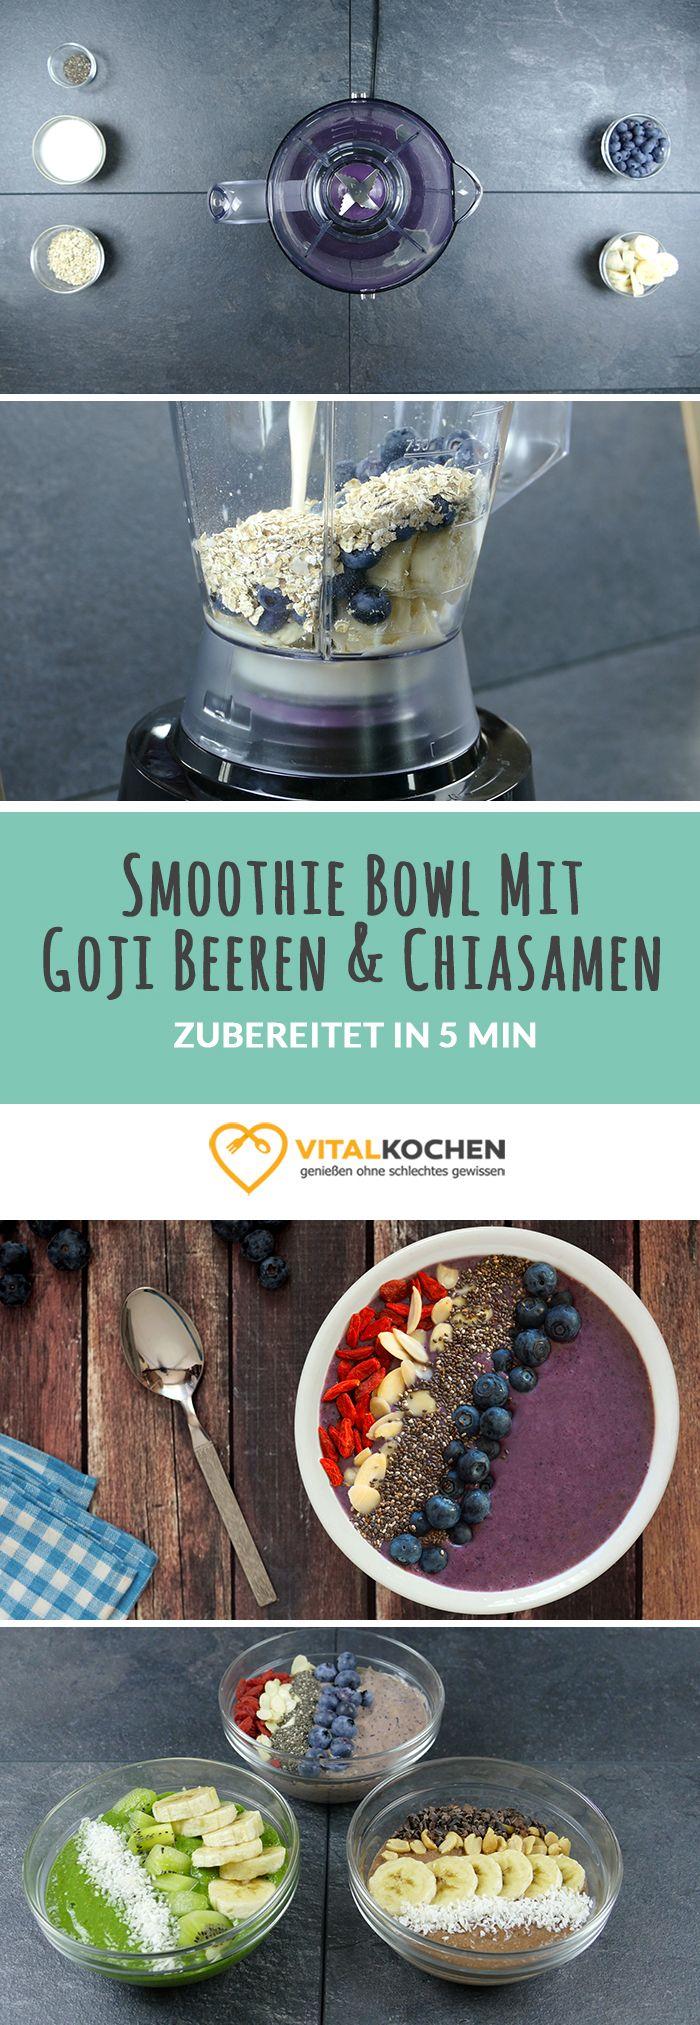 Veganer Smoothie Bowl mit Goji Beeren, Chiasamen, Banane und Blaubeeren - Mit Mandelblättchen verfeinert, für einen energiegeladenen Start in den Tag - Einfach, schnell & gesund Abnehmen mit Genuss.